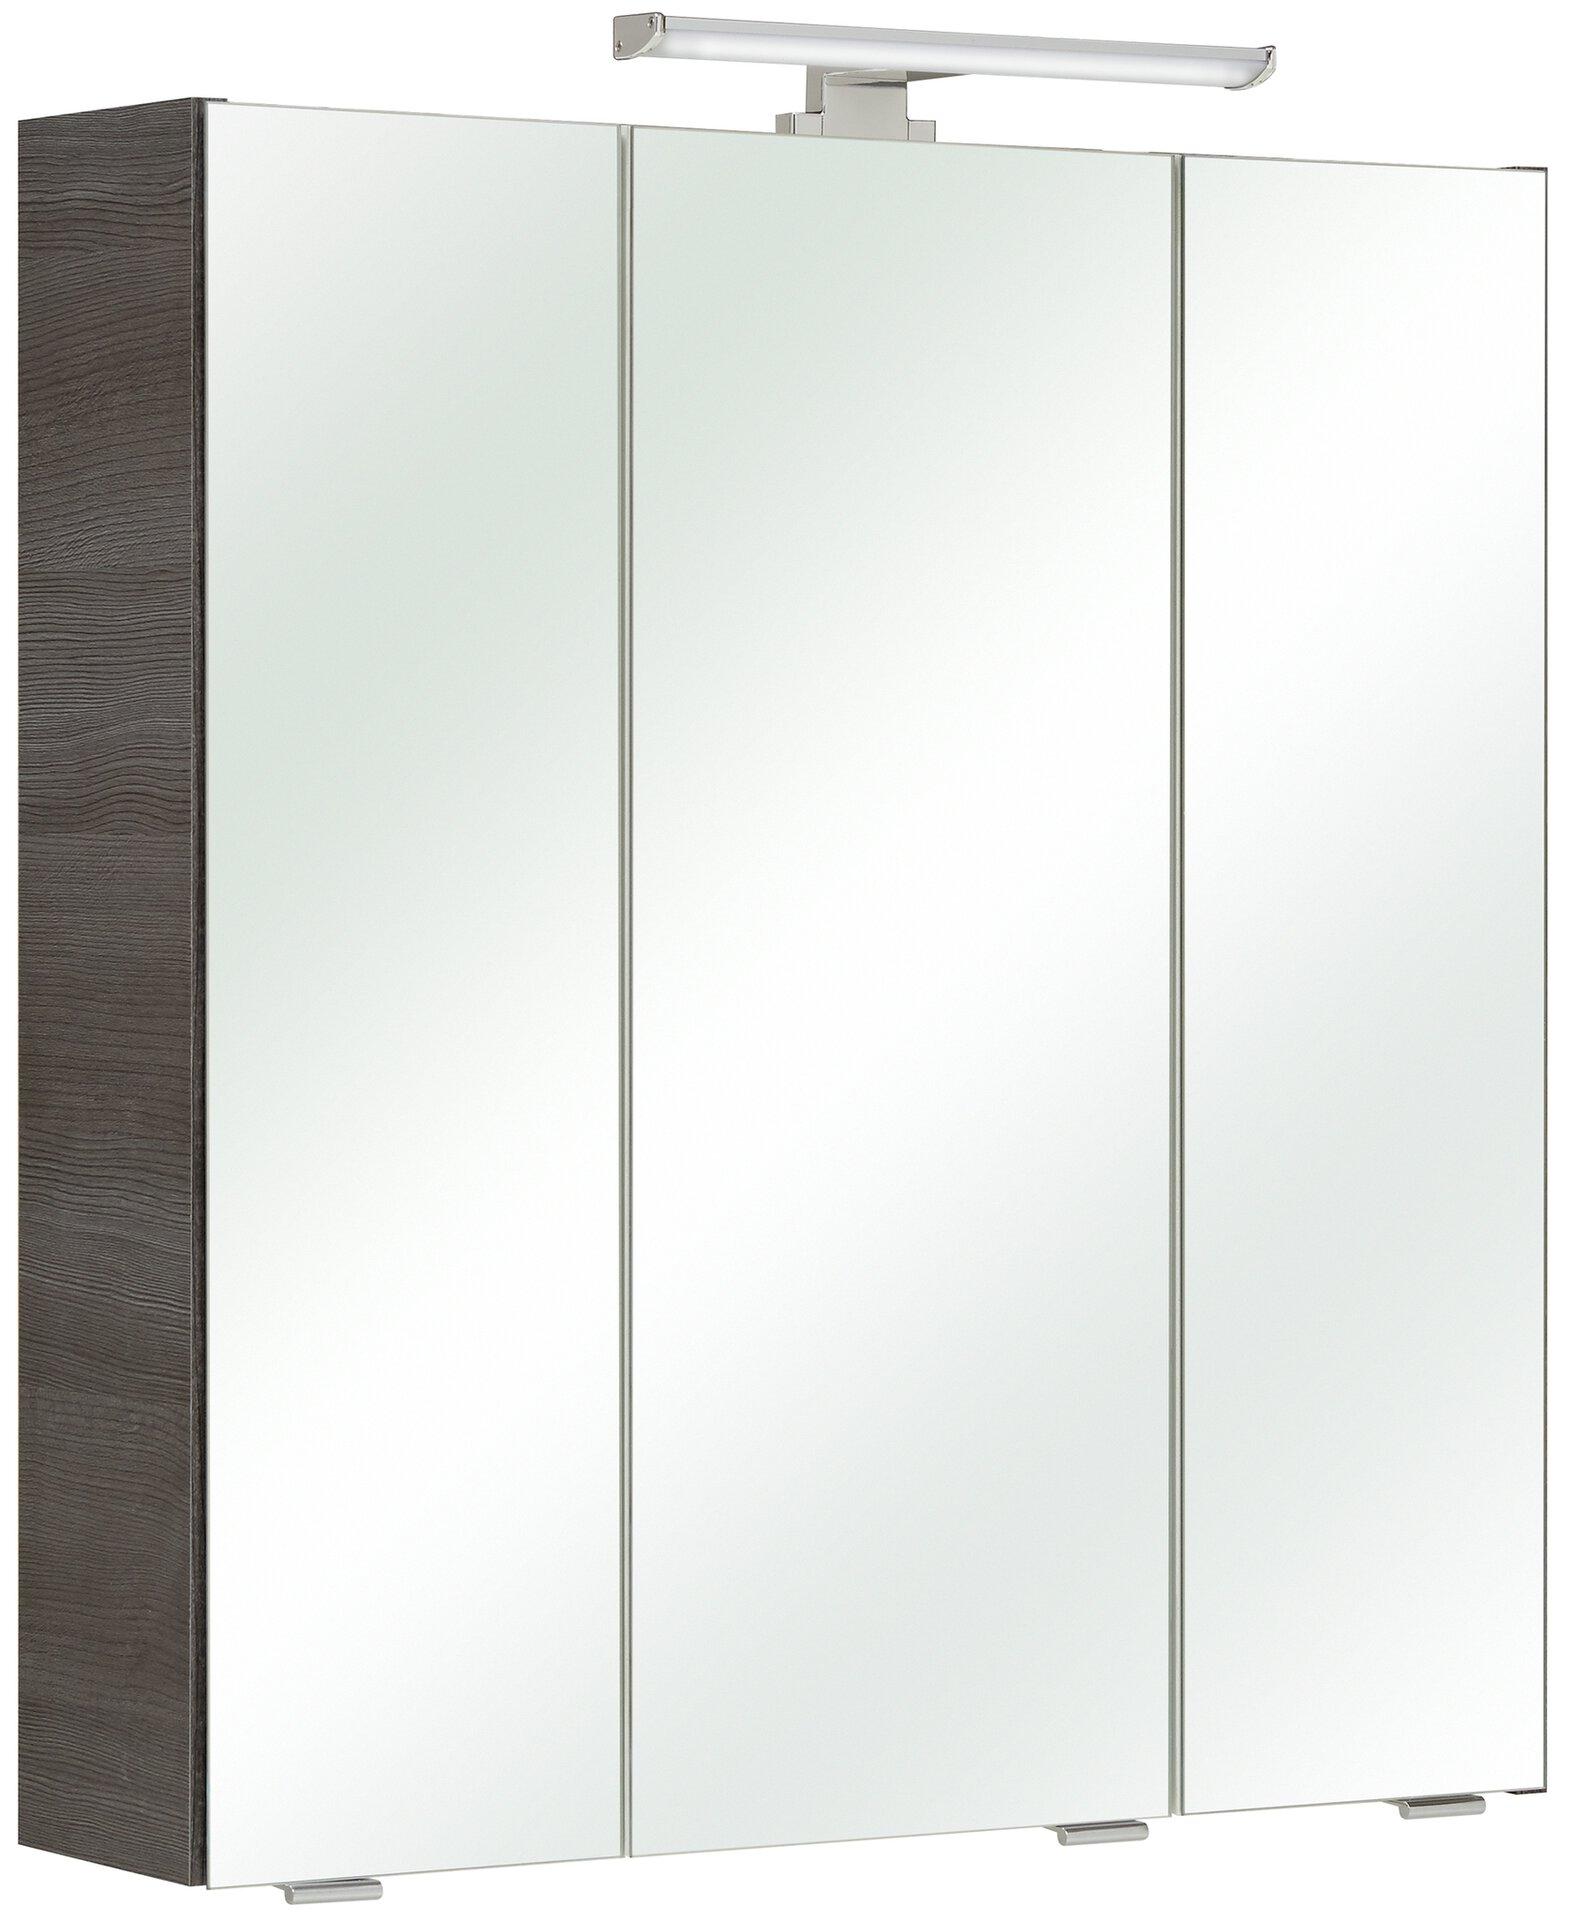 Spiegelschrank Jessi PELIPAL Holzwerkstoff grau